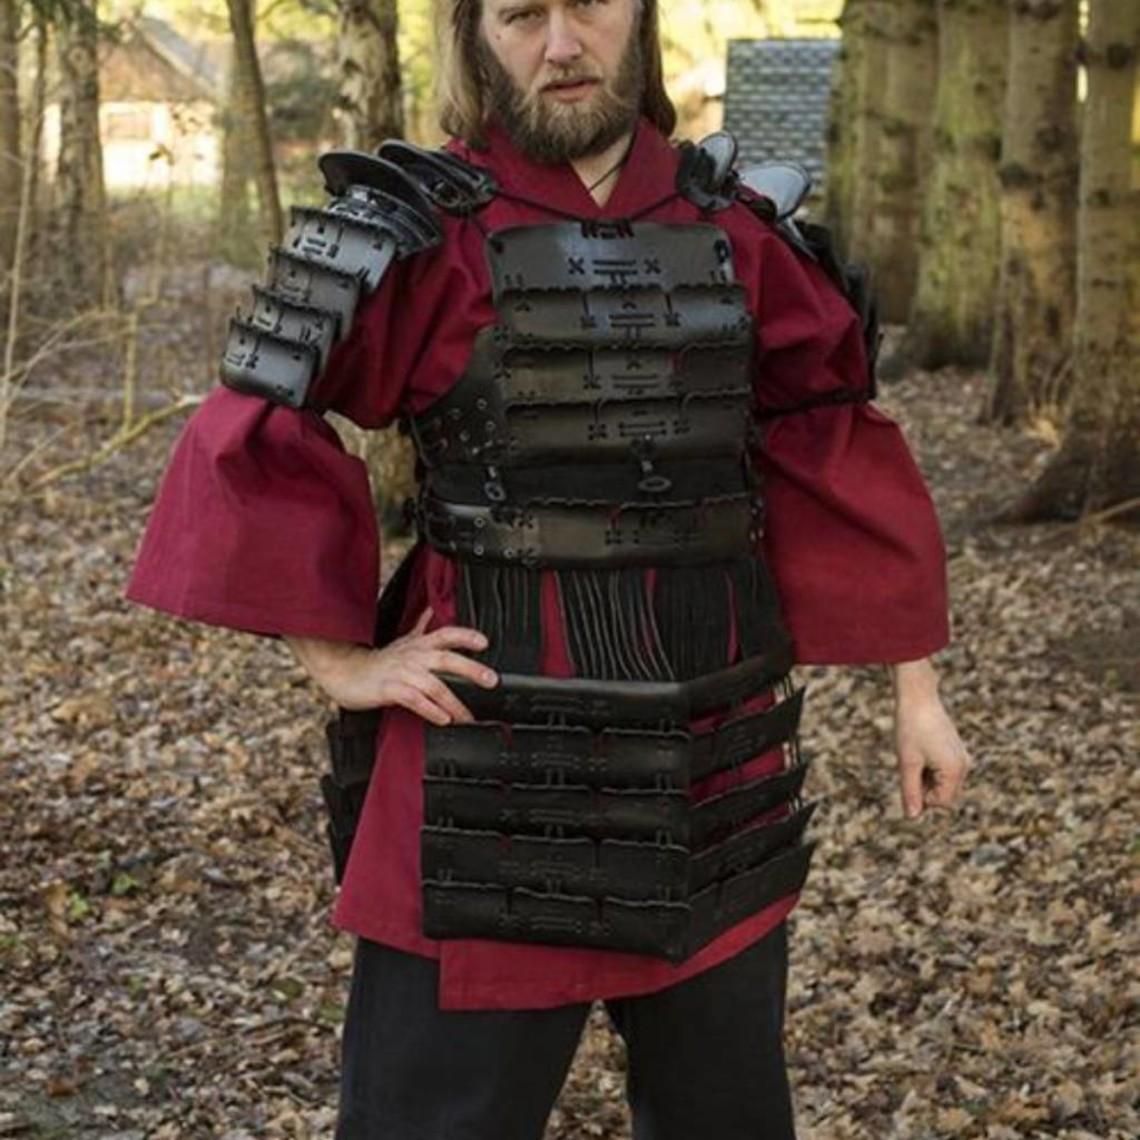 Epic Armoury Leder Samurairüstung, schwarz